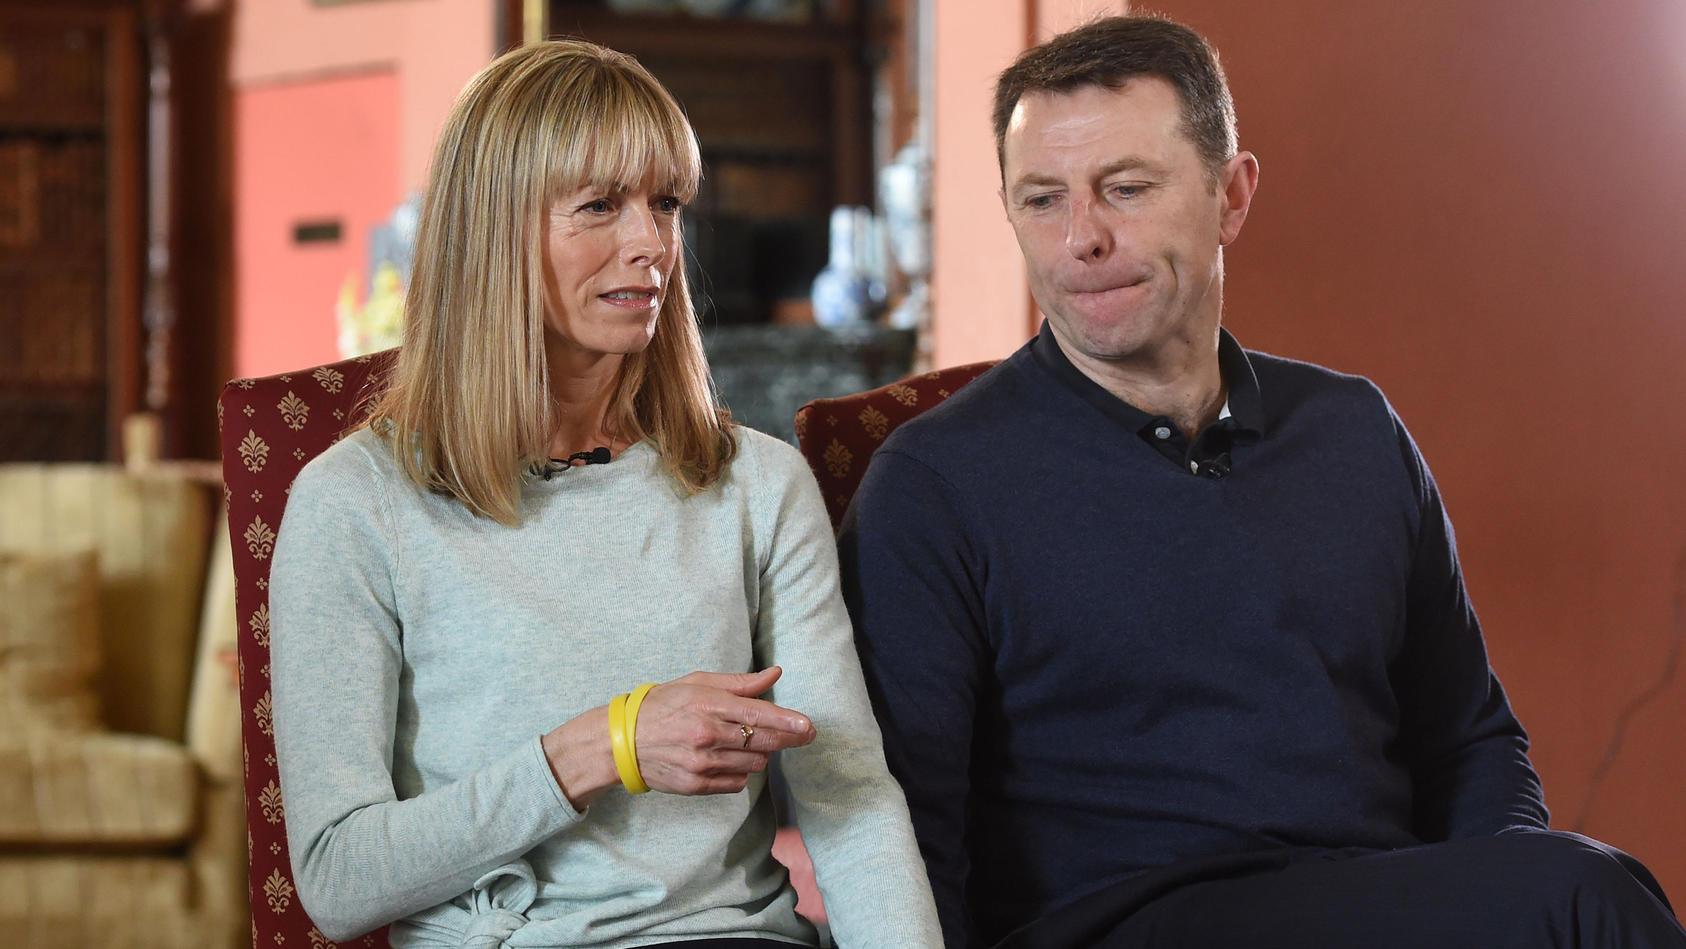 Die Eltern von Maddie wollen die Hoffnung nicht aufgeben, das ihre Tochter lebt.